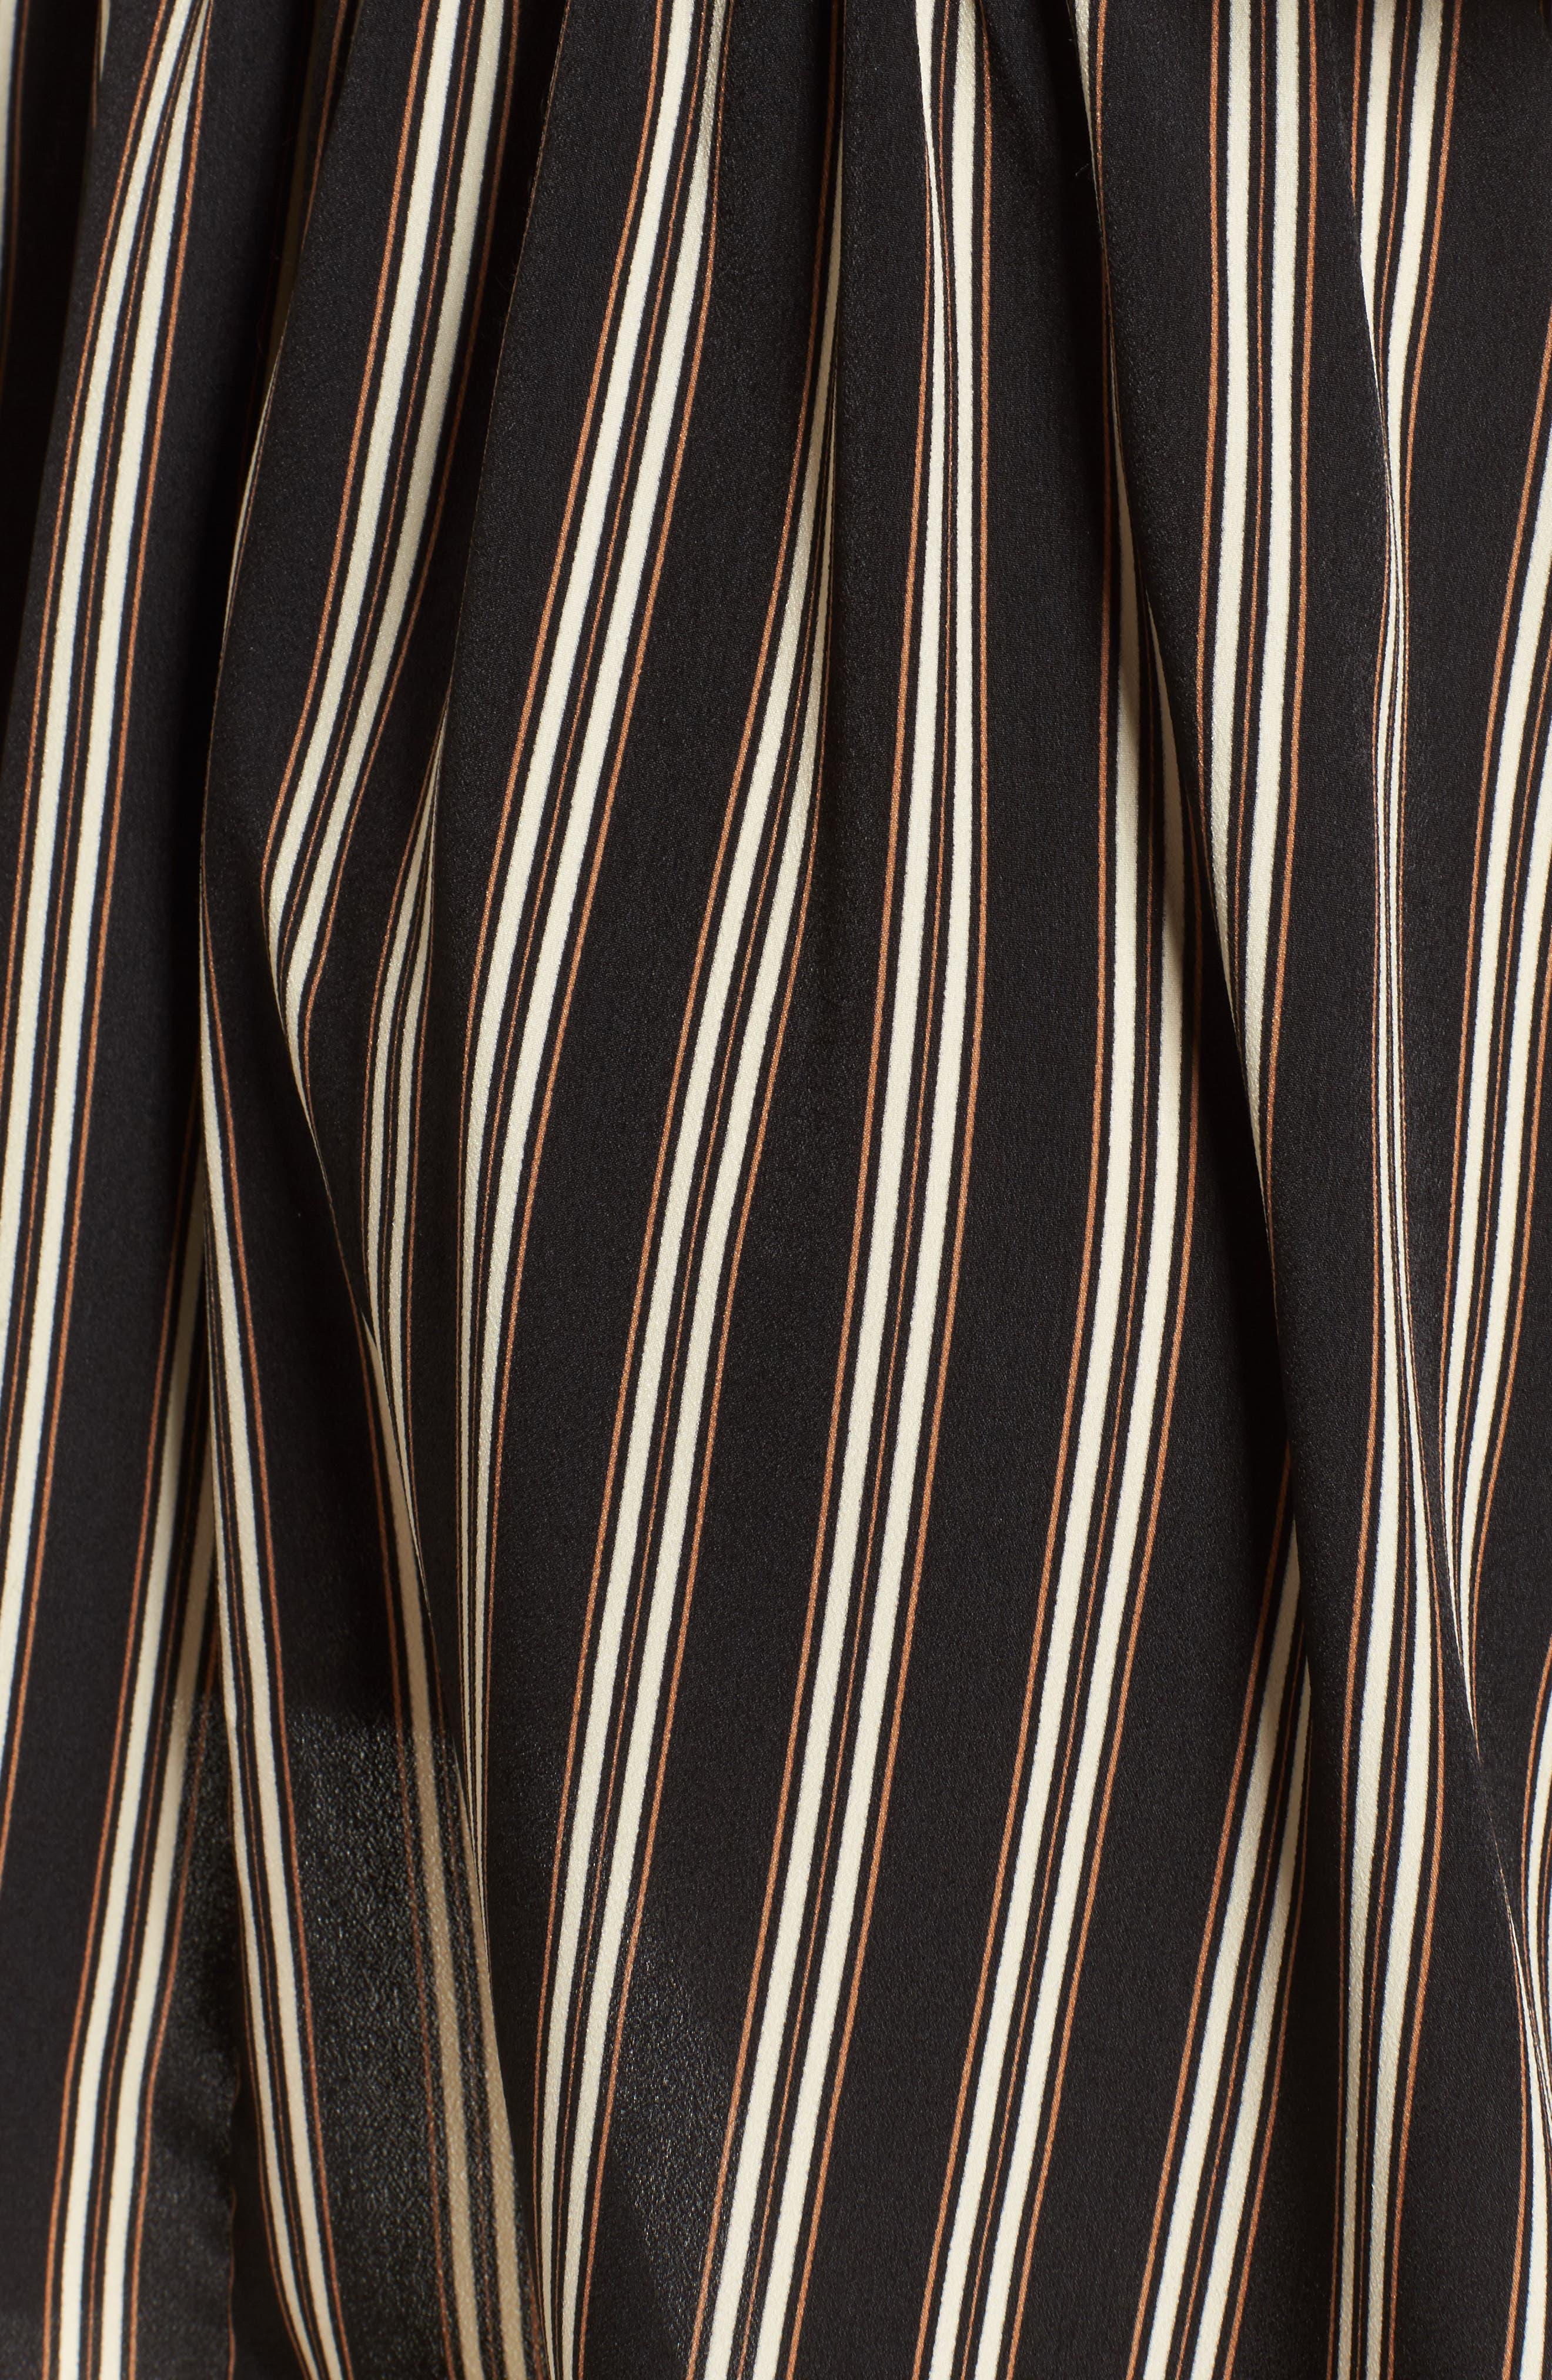 Stripe Halter Skater Dress,                             Alternate thumbnail 5, color,                             003